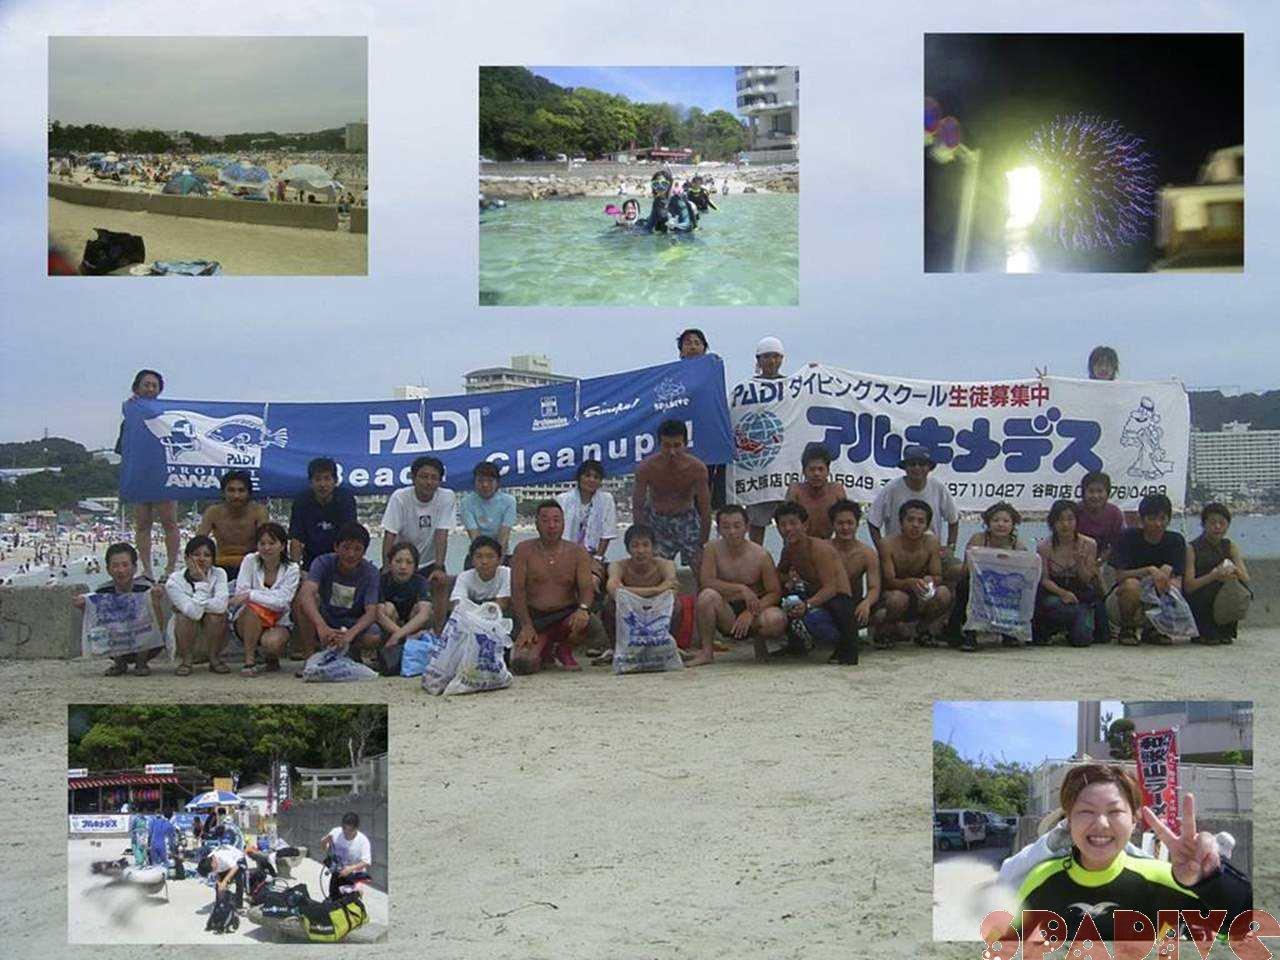 海の日AWAREクリーンナップ|環境保護ダイブ|7/18-19/2004南紀白浜